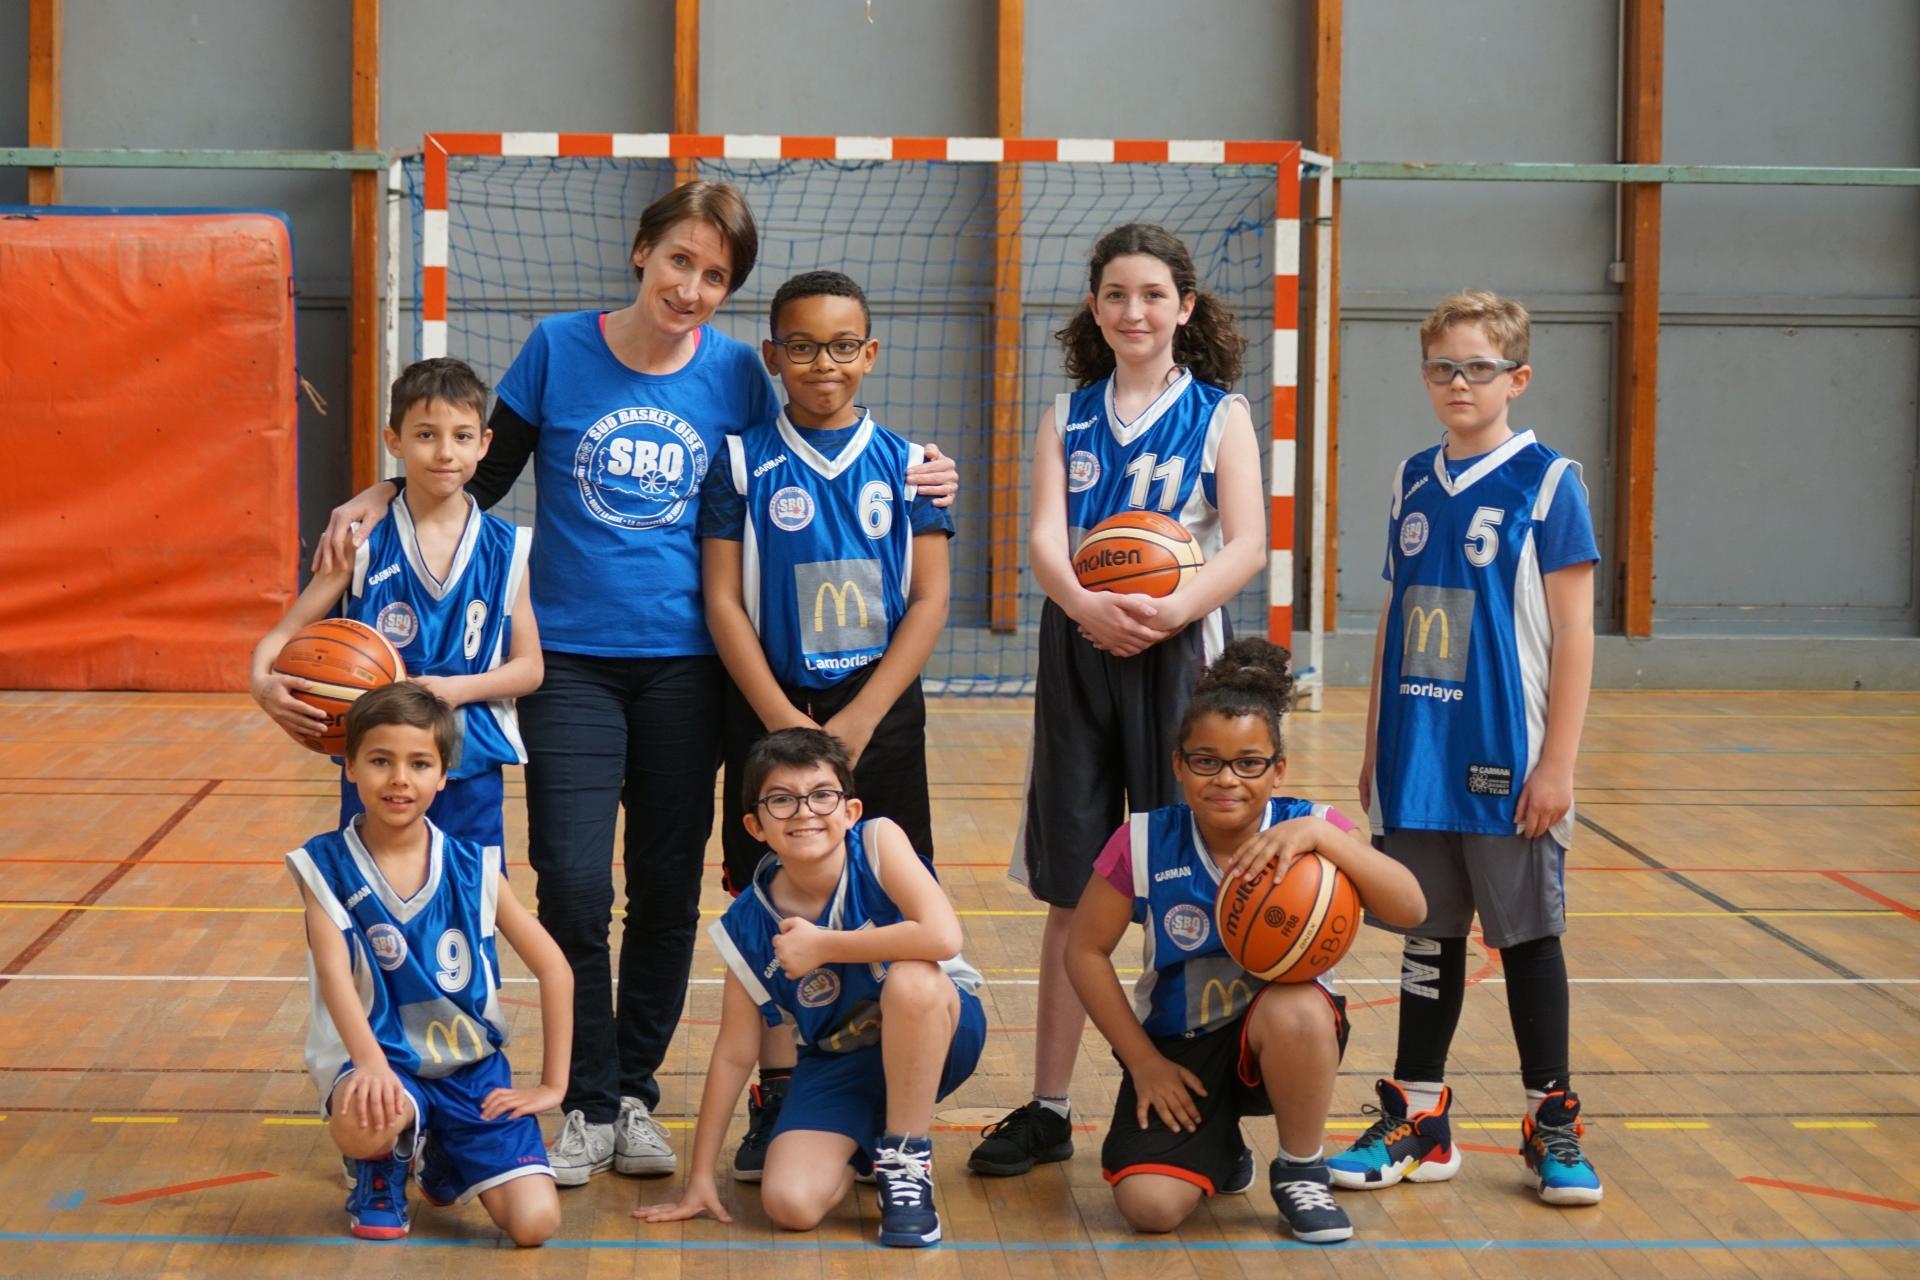 U11 Equipe 2 Sud Basket Oise